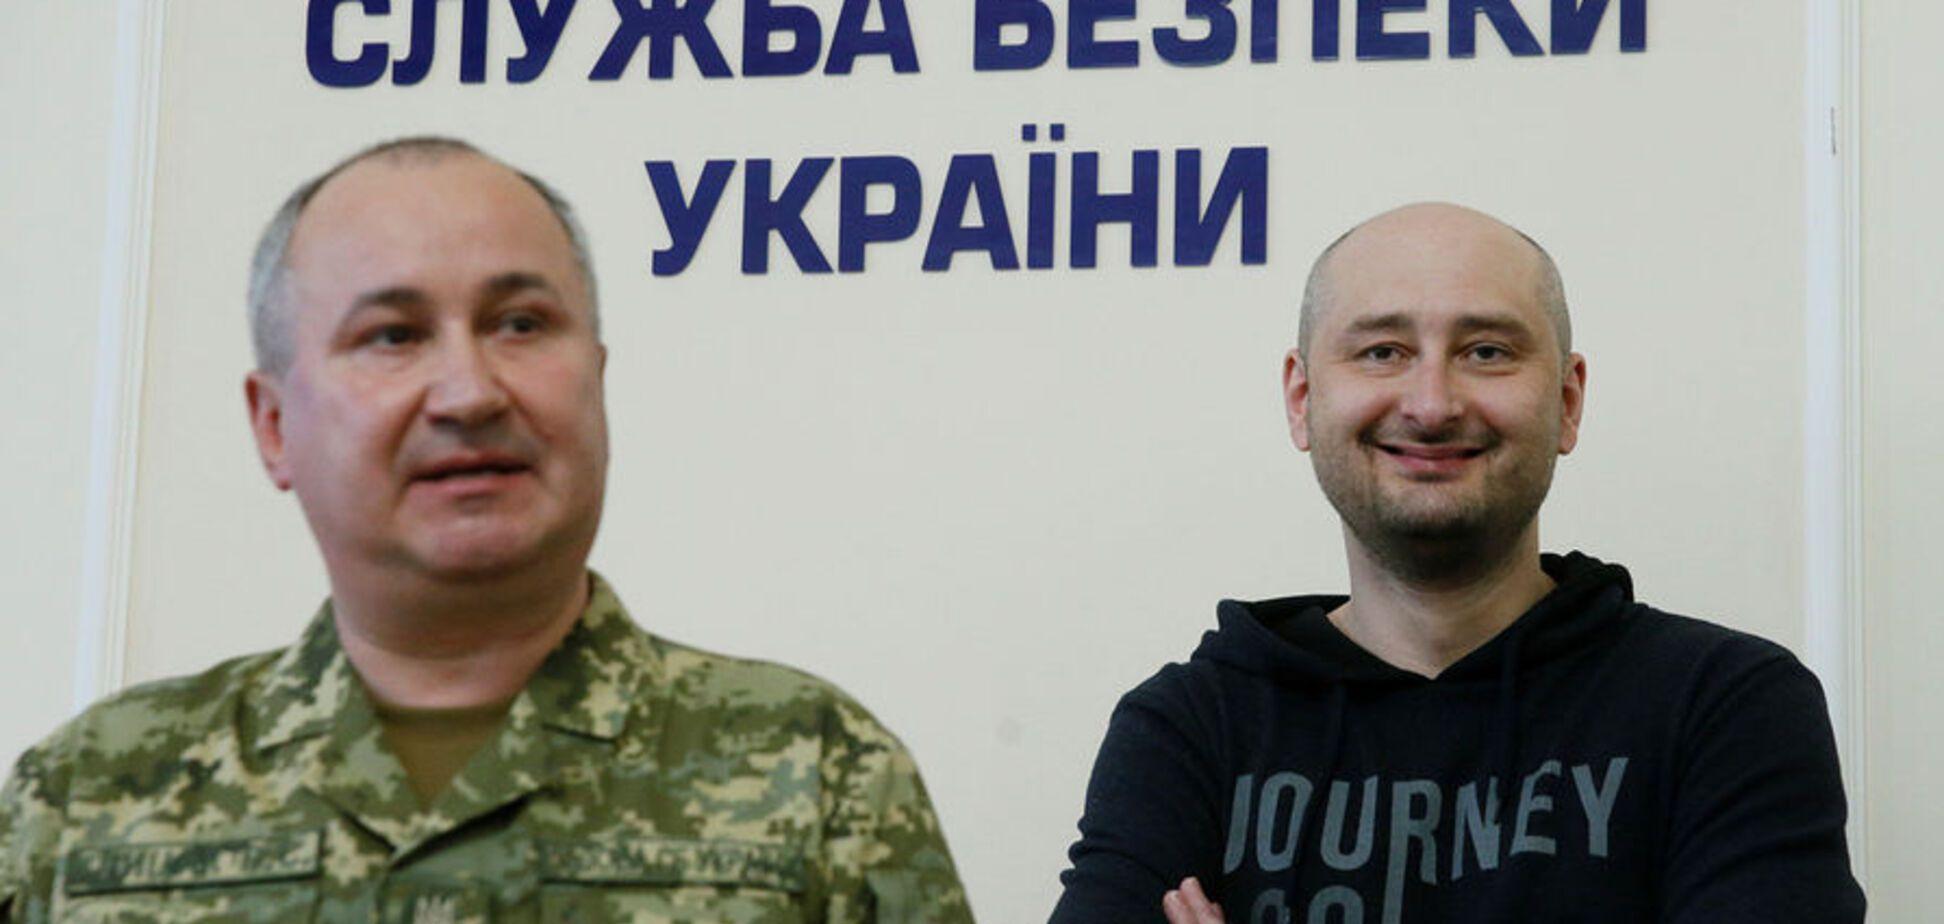 В Украине провели десятки постановочных 'убийств': в МВД раскрыли подробности